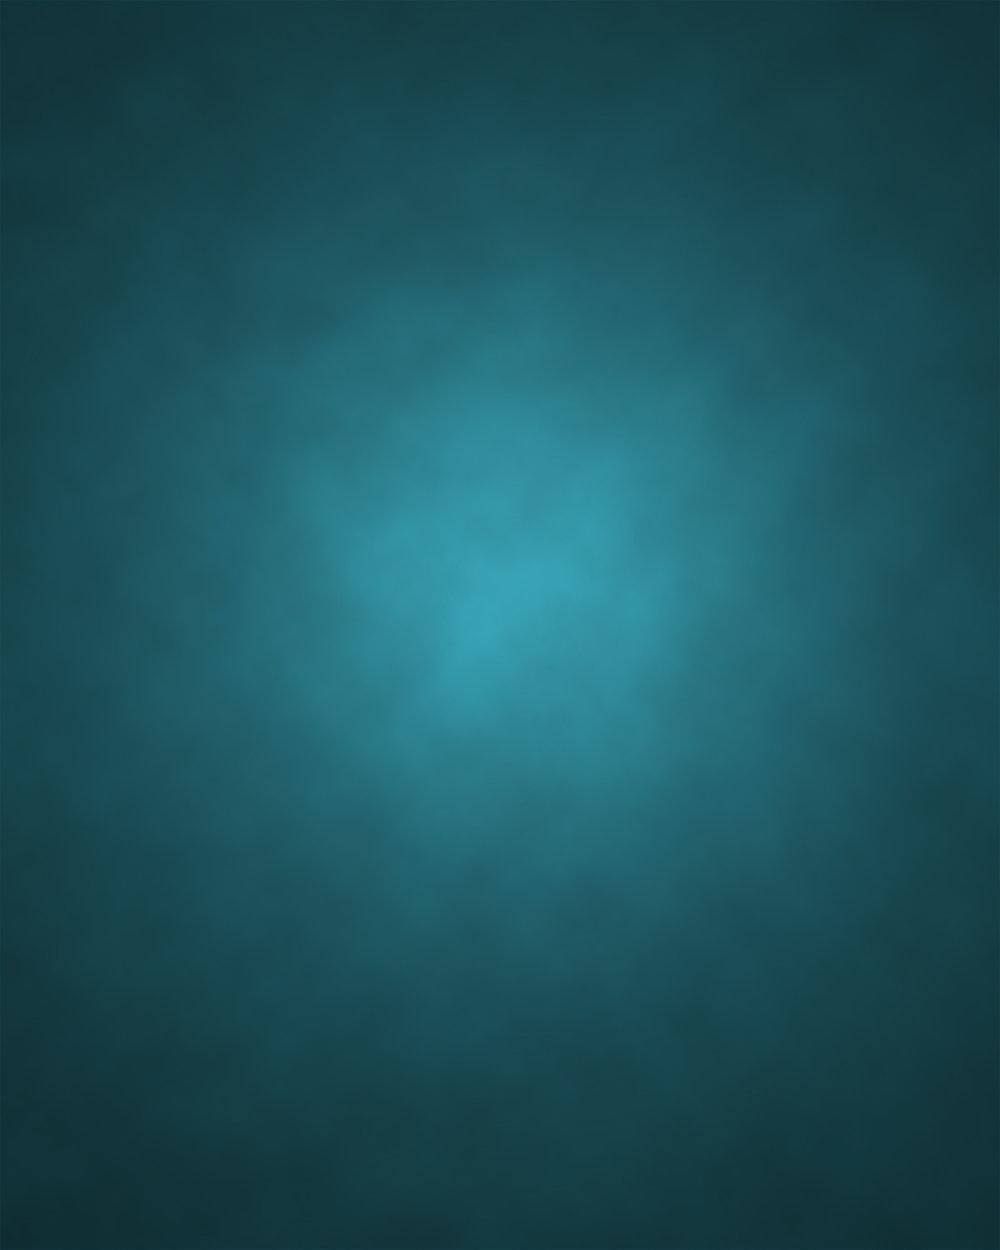 Background Option #9 - Teal